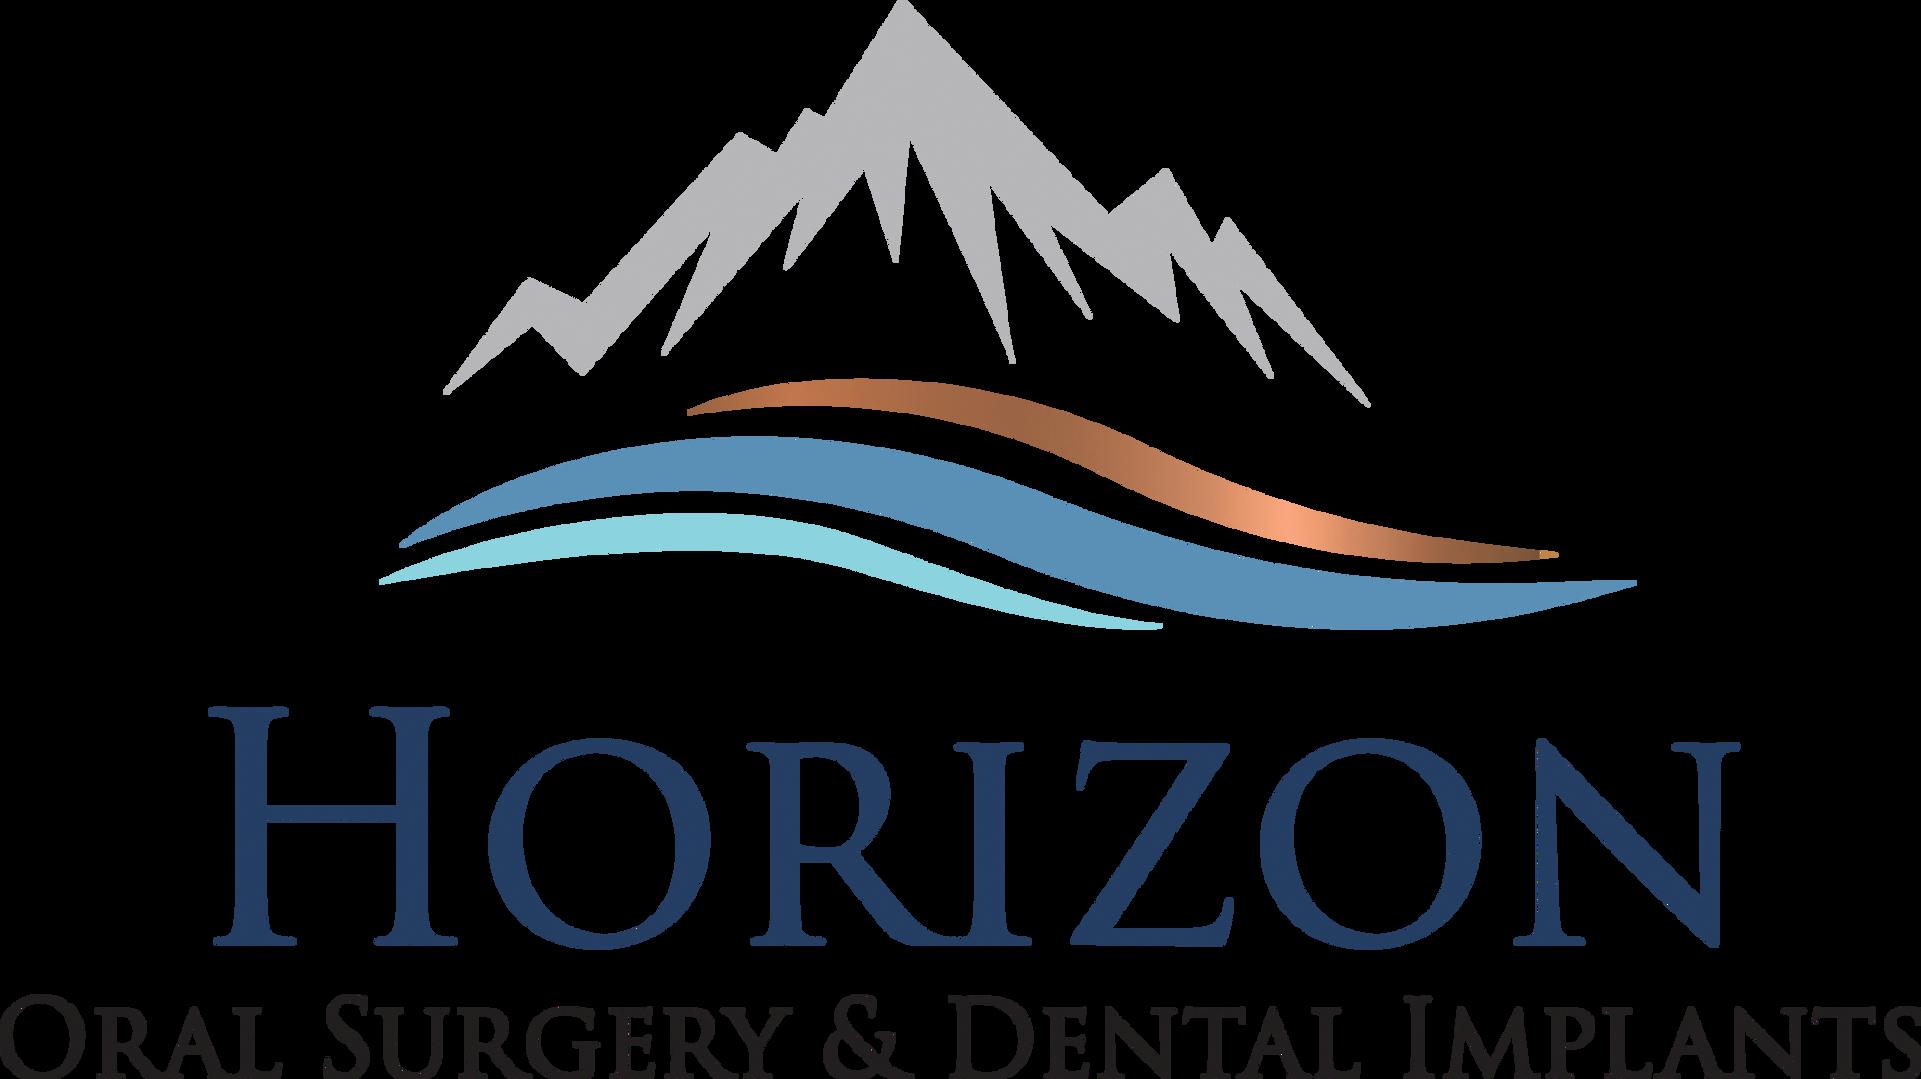 Horizon_Oral_Surgery_Faux_Foil.png